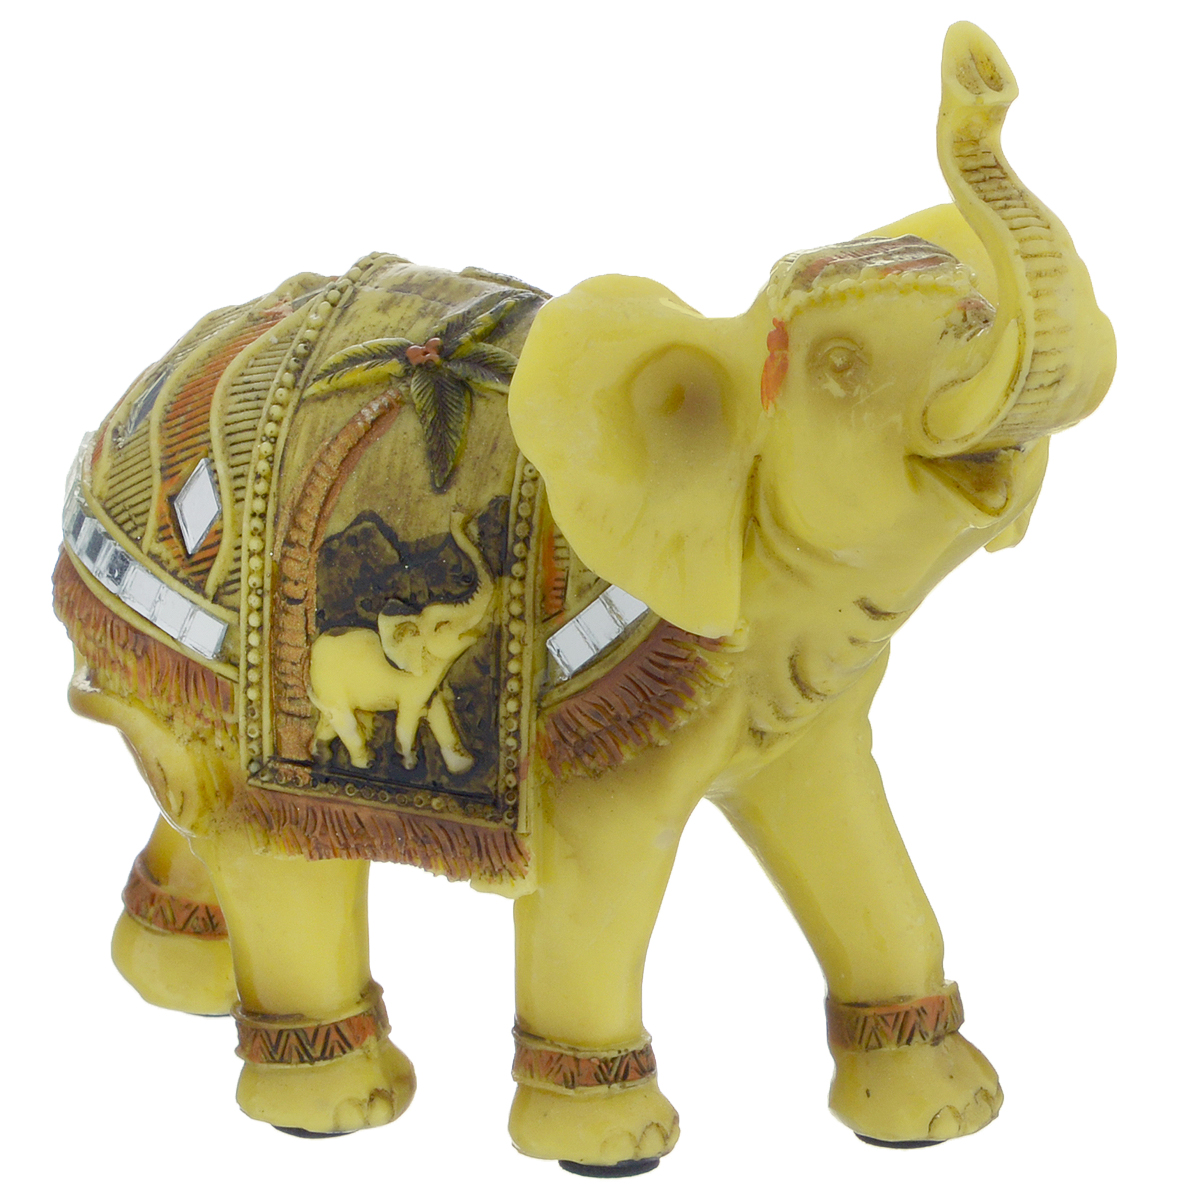 Фигурка декоративная Molento Бирманский слон, высота 11 см. 549-106691116Декоративная фигура Molento Бирманский слон, изготовленная из полистоуна, позволит вам украсить интерьер дома, рабочего кабинета или любого другого помещения оригинальным образом. Изделие выполнено в виде слона с поднятым хоботом и украшенного зеркальными элементами.С такой декоративной фигурой вы сможете не просто внести в интерьер элемент оригинальности, но и создать атмосферу загадочности и изысканности.Размер фигурки: 12,5 см 11 см х 5 см.Если поставить фигурку слона на подоконник, хоботом по направлению в окно, то он будет втягивать удачу с улицы в помещение. Однако если слон смотрит внутрь квартиры, то это будет символом того, что удача уже находится в доме.